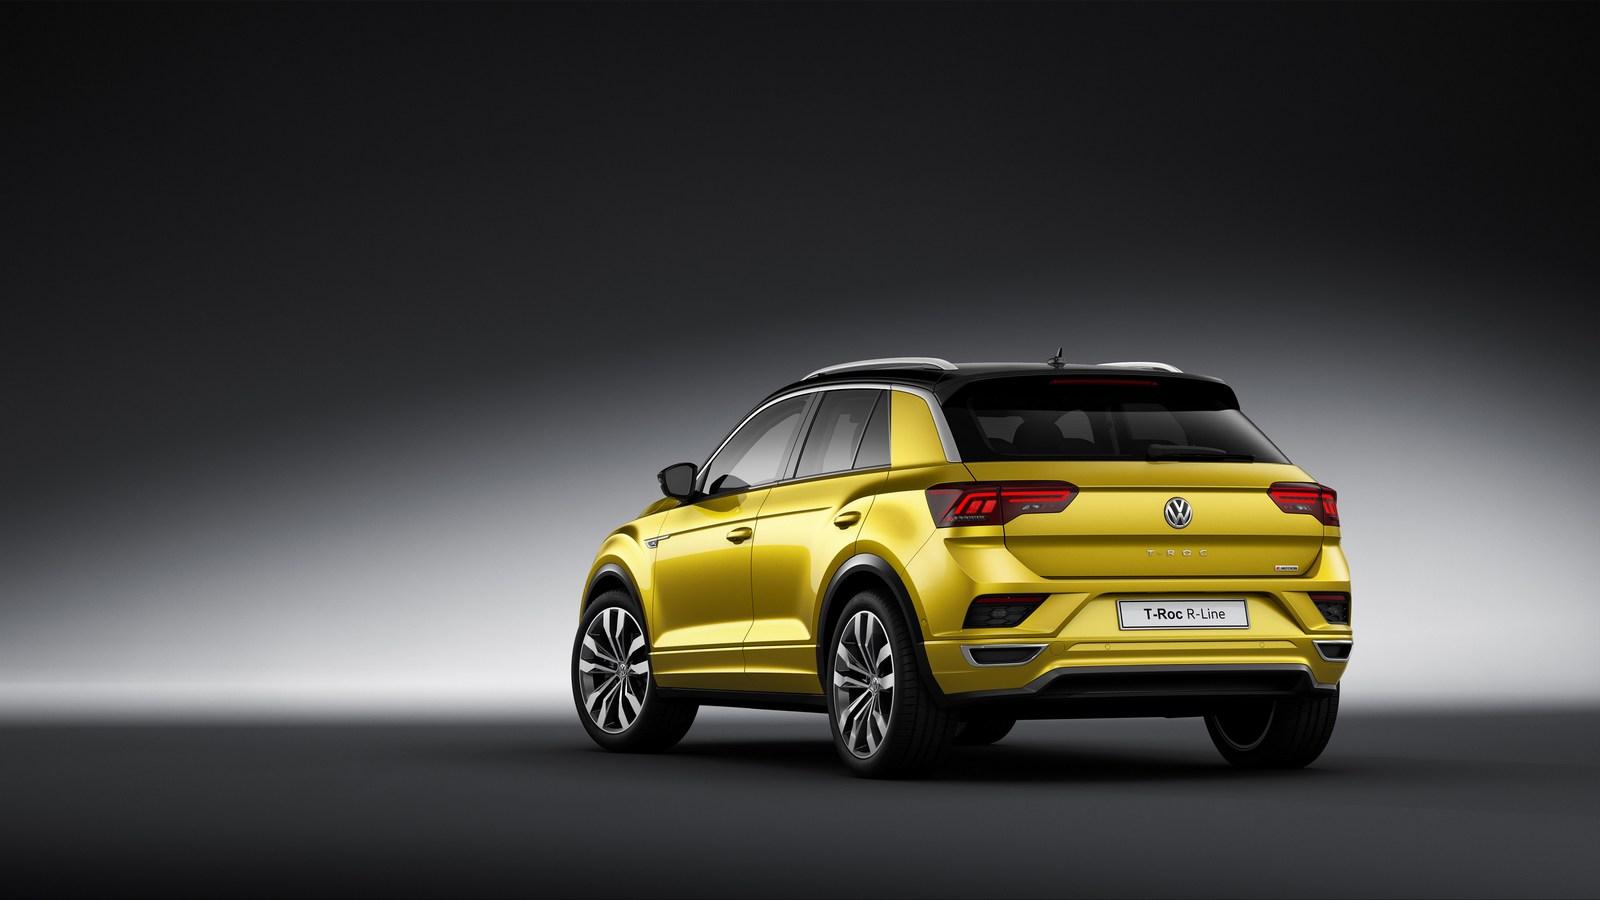 VW-T-Roc-R-Line-2